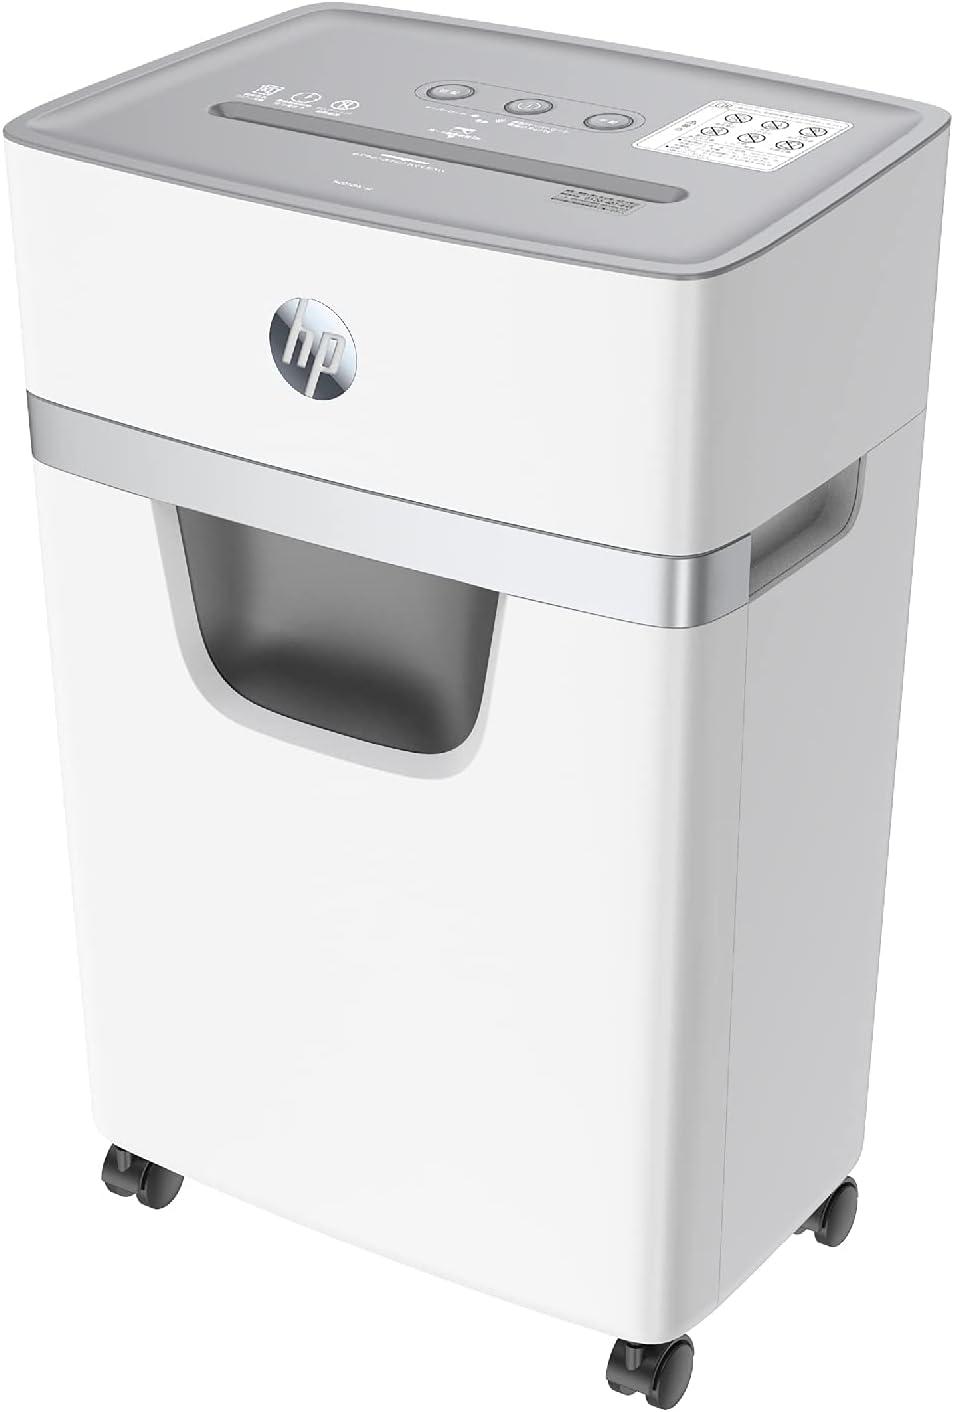 キャスターも付いた!HP 業務兼用シュレッダー W2010MC-J2 ホワイト